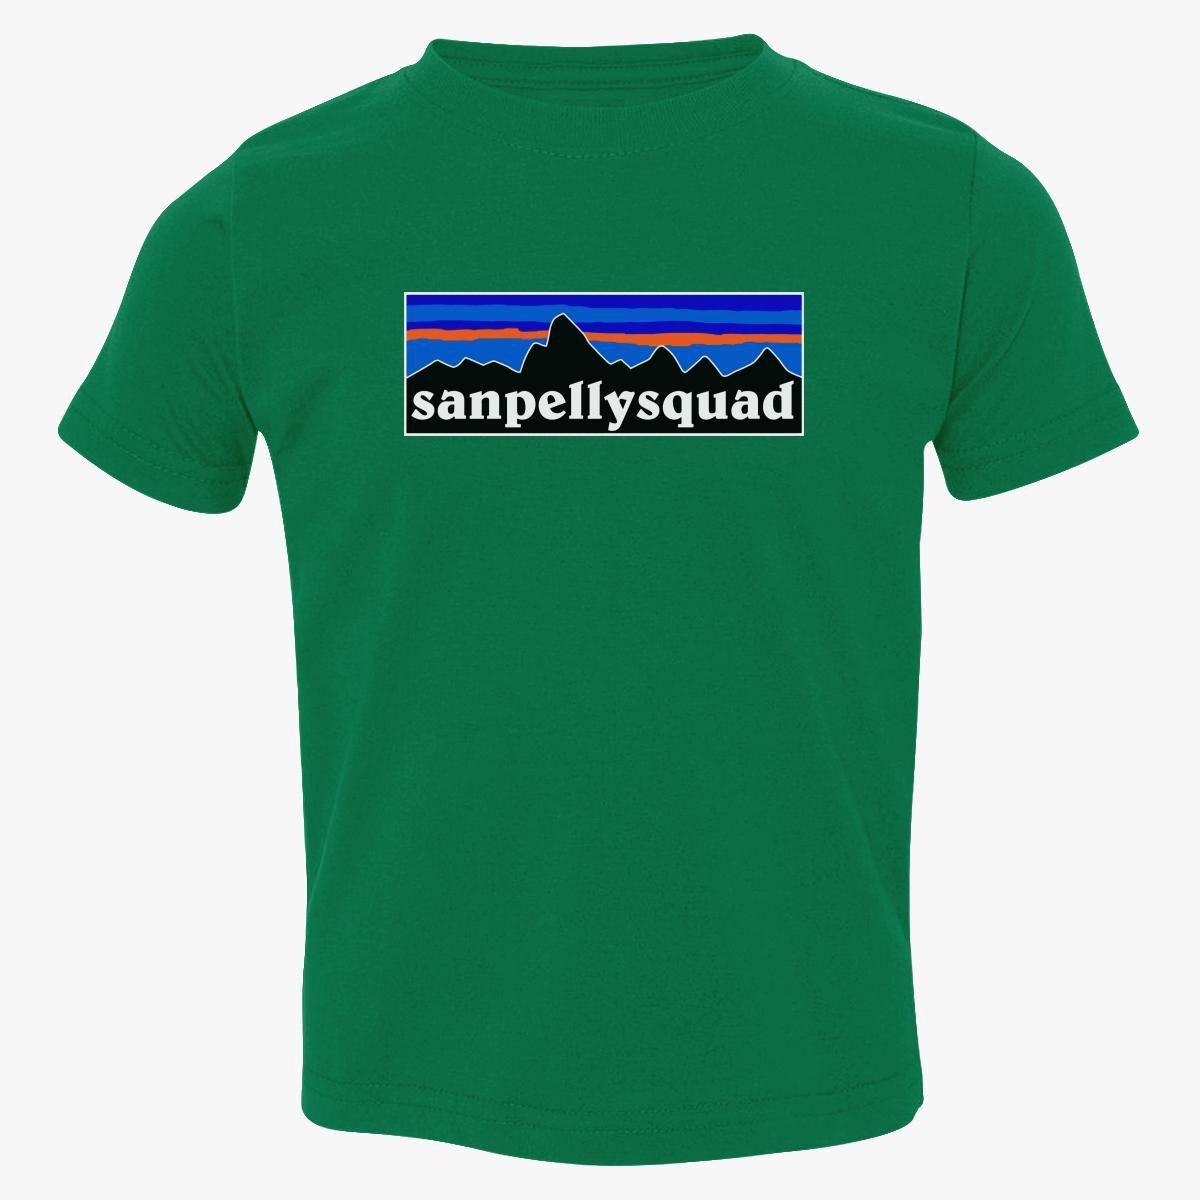 SANPELLYSQUAD FULL LOGO Toddler T-shirt